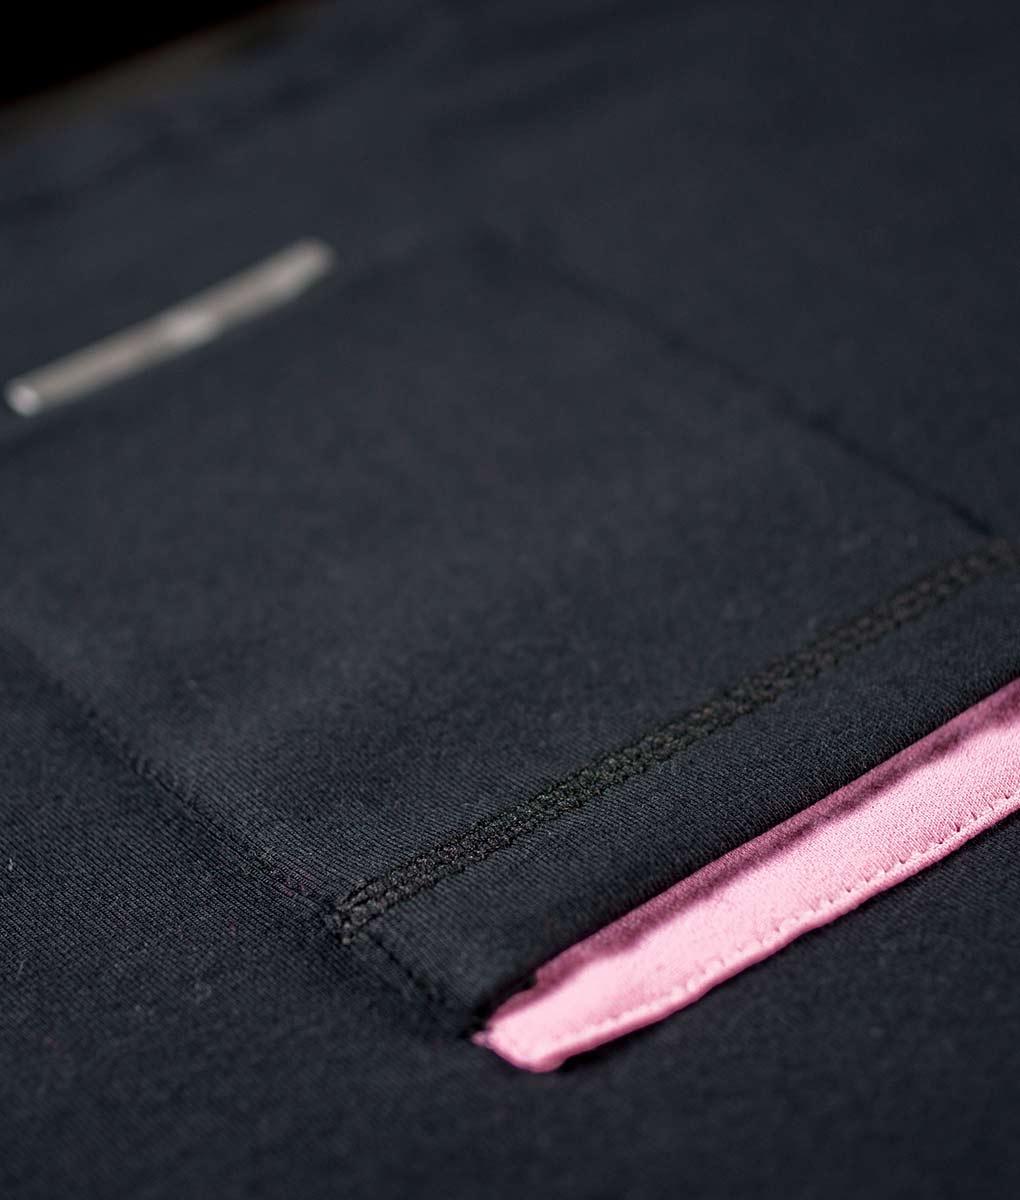 camiseta-negra-rosa2